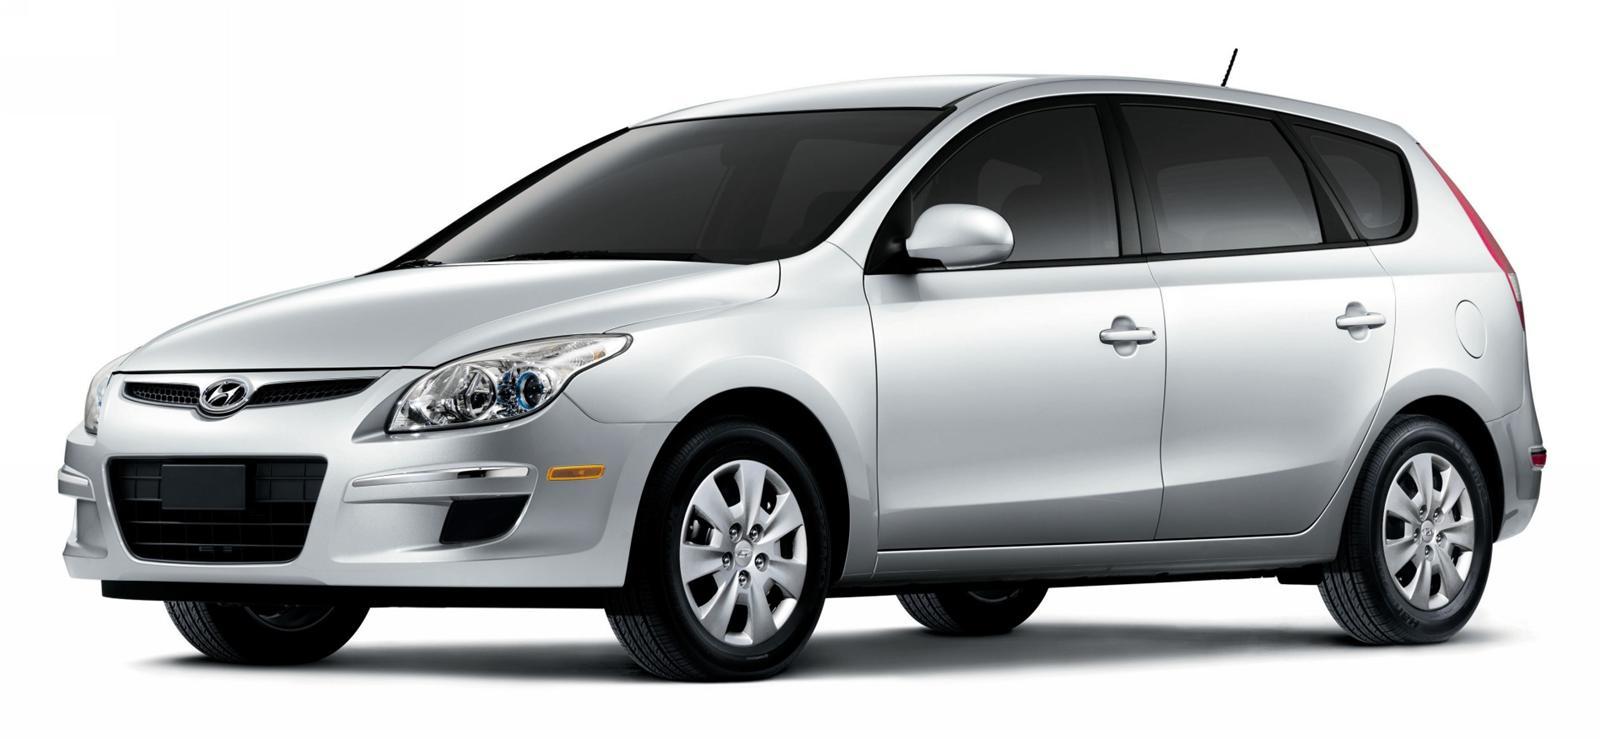 2011-Hyundai-Elantra-Touring-Image-01-1600